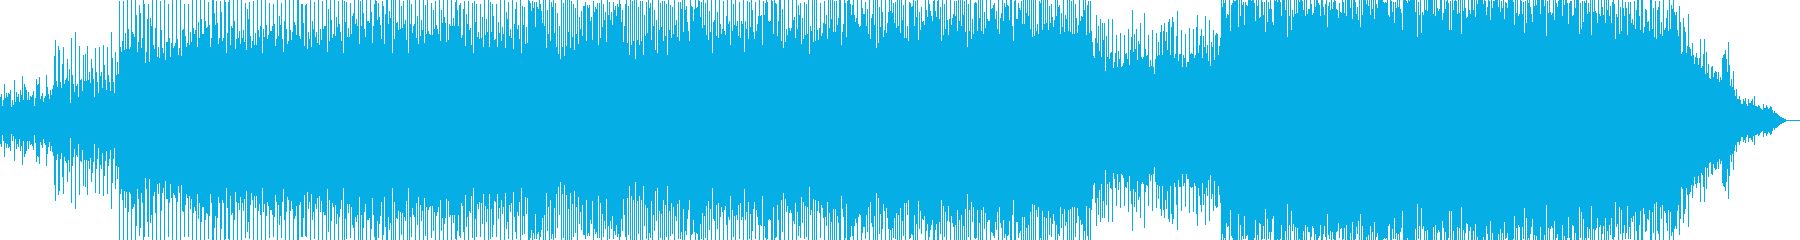 未来的で疾走感のあるテクノ調の曲の再生済みの波形